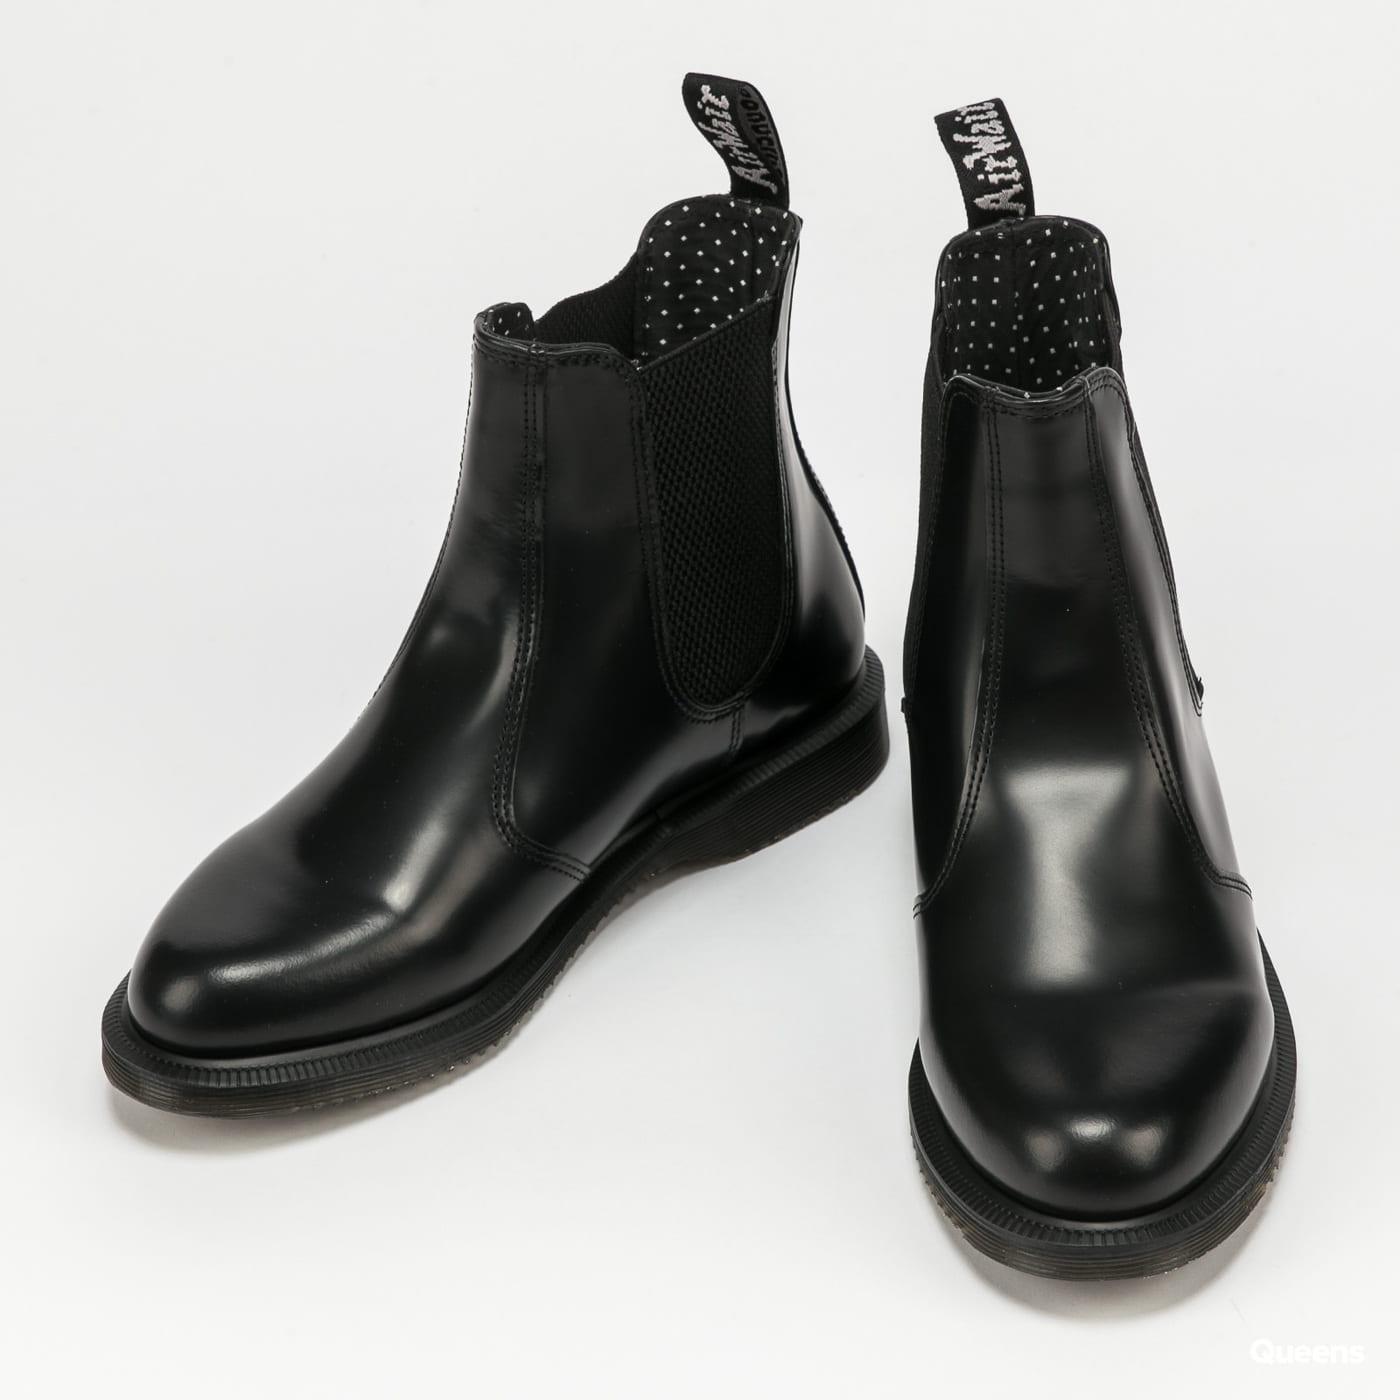 Dr. Martens Flora black polished smooth